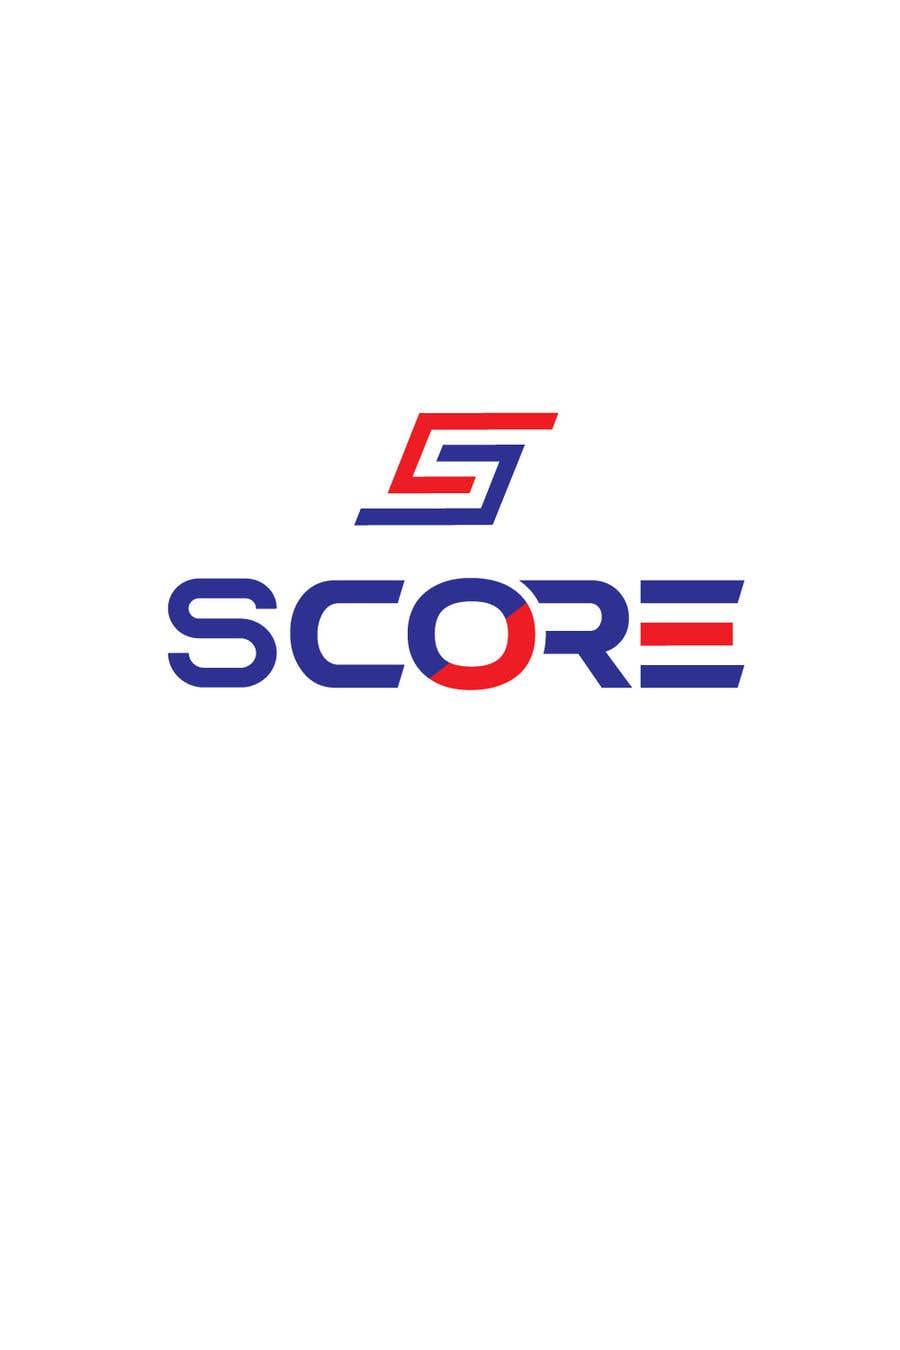 Penyertaan Peraduan #                                        147                                      untuk                                         logo design - 25/01/2021 10:04 EST